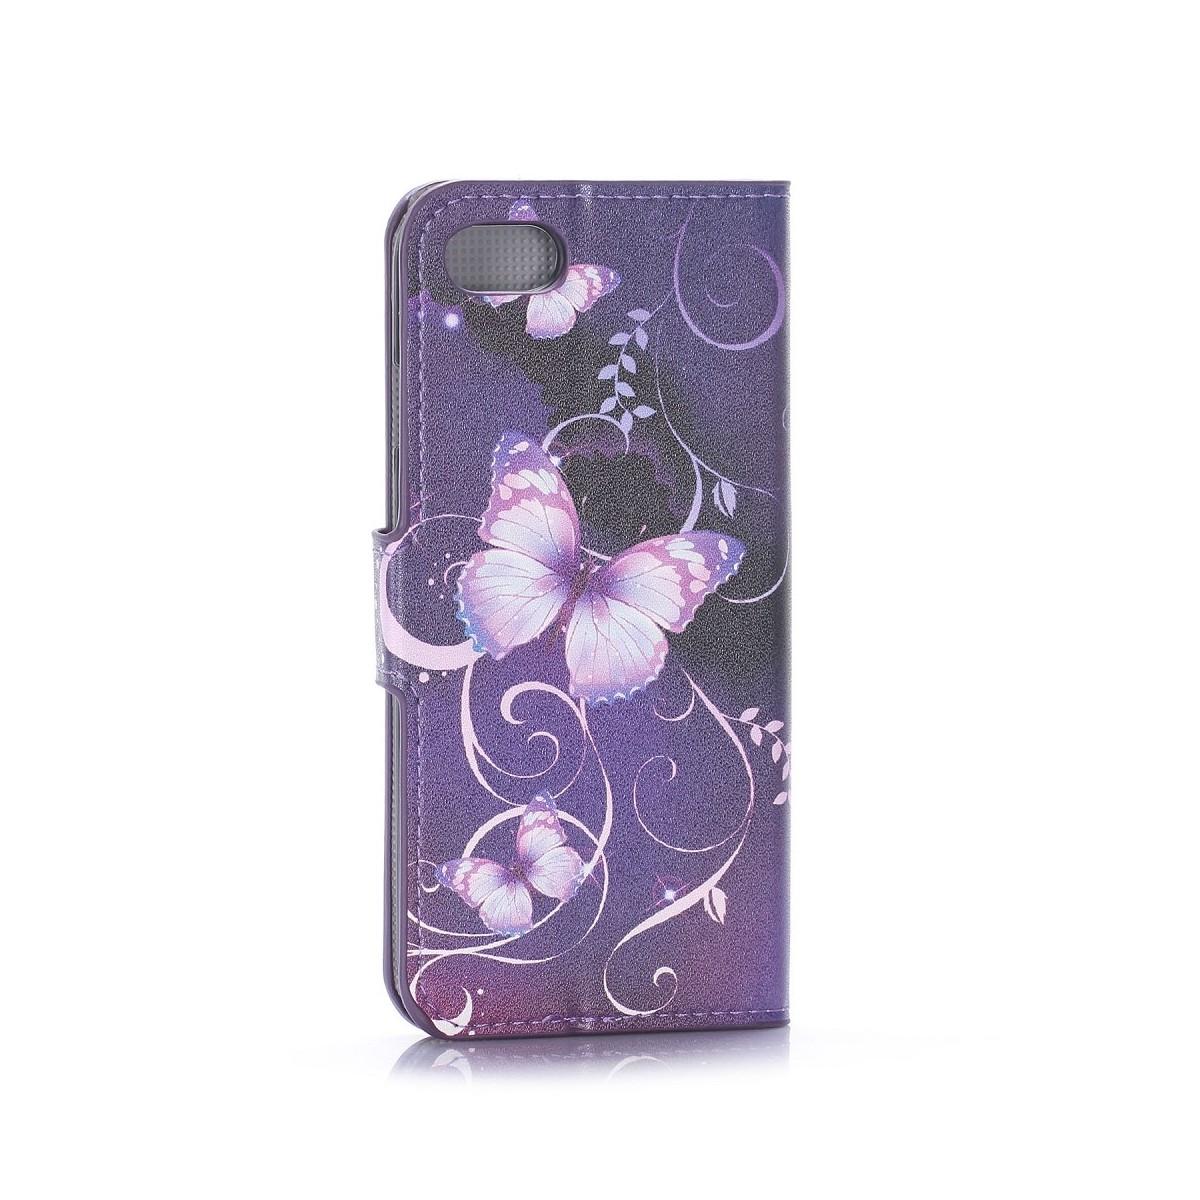 Etui iPhone 7 motif Papillons Violets - Crazy Kase